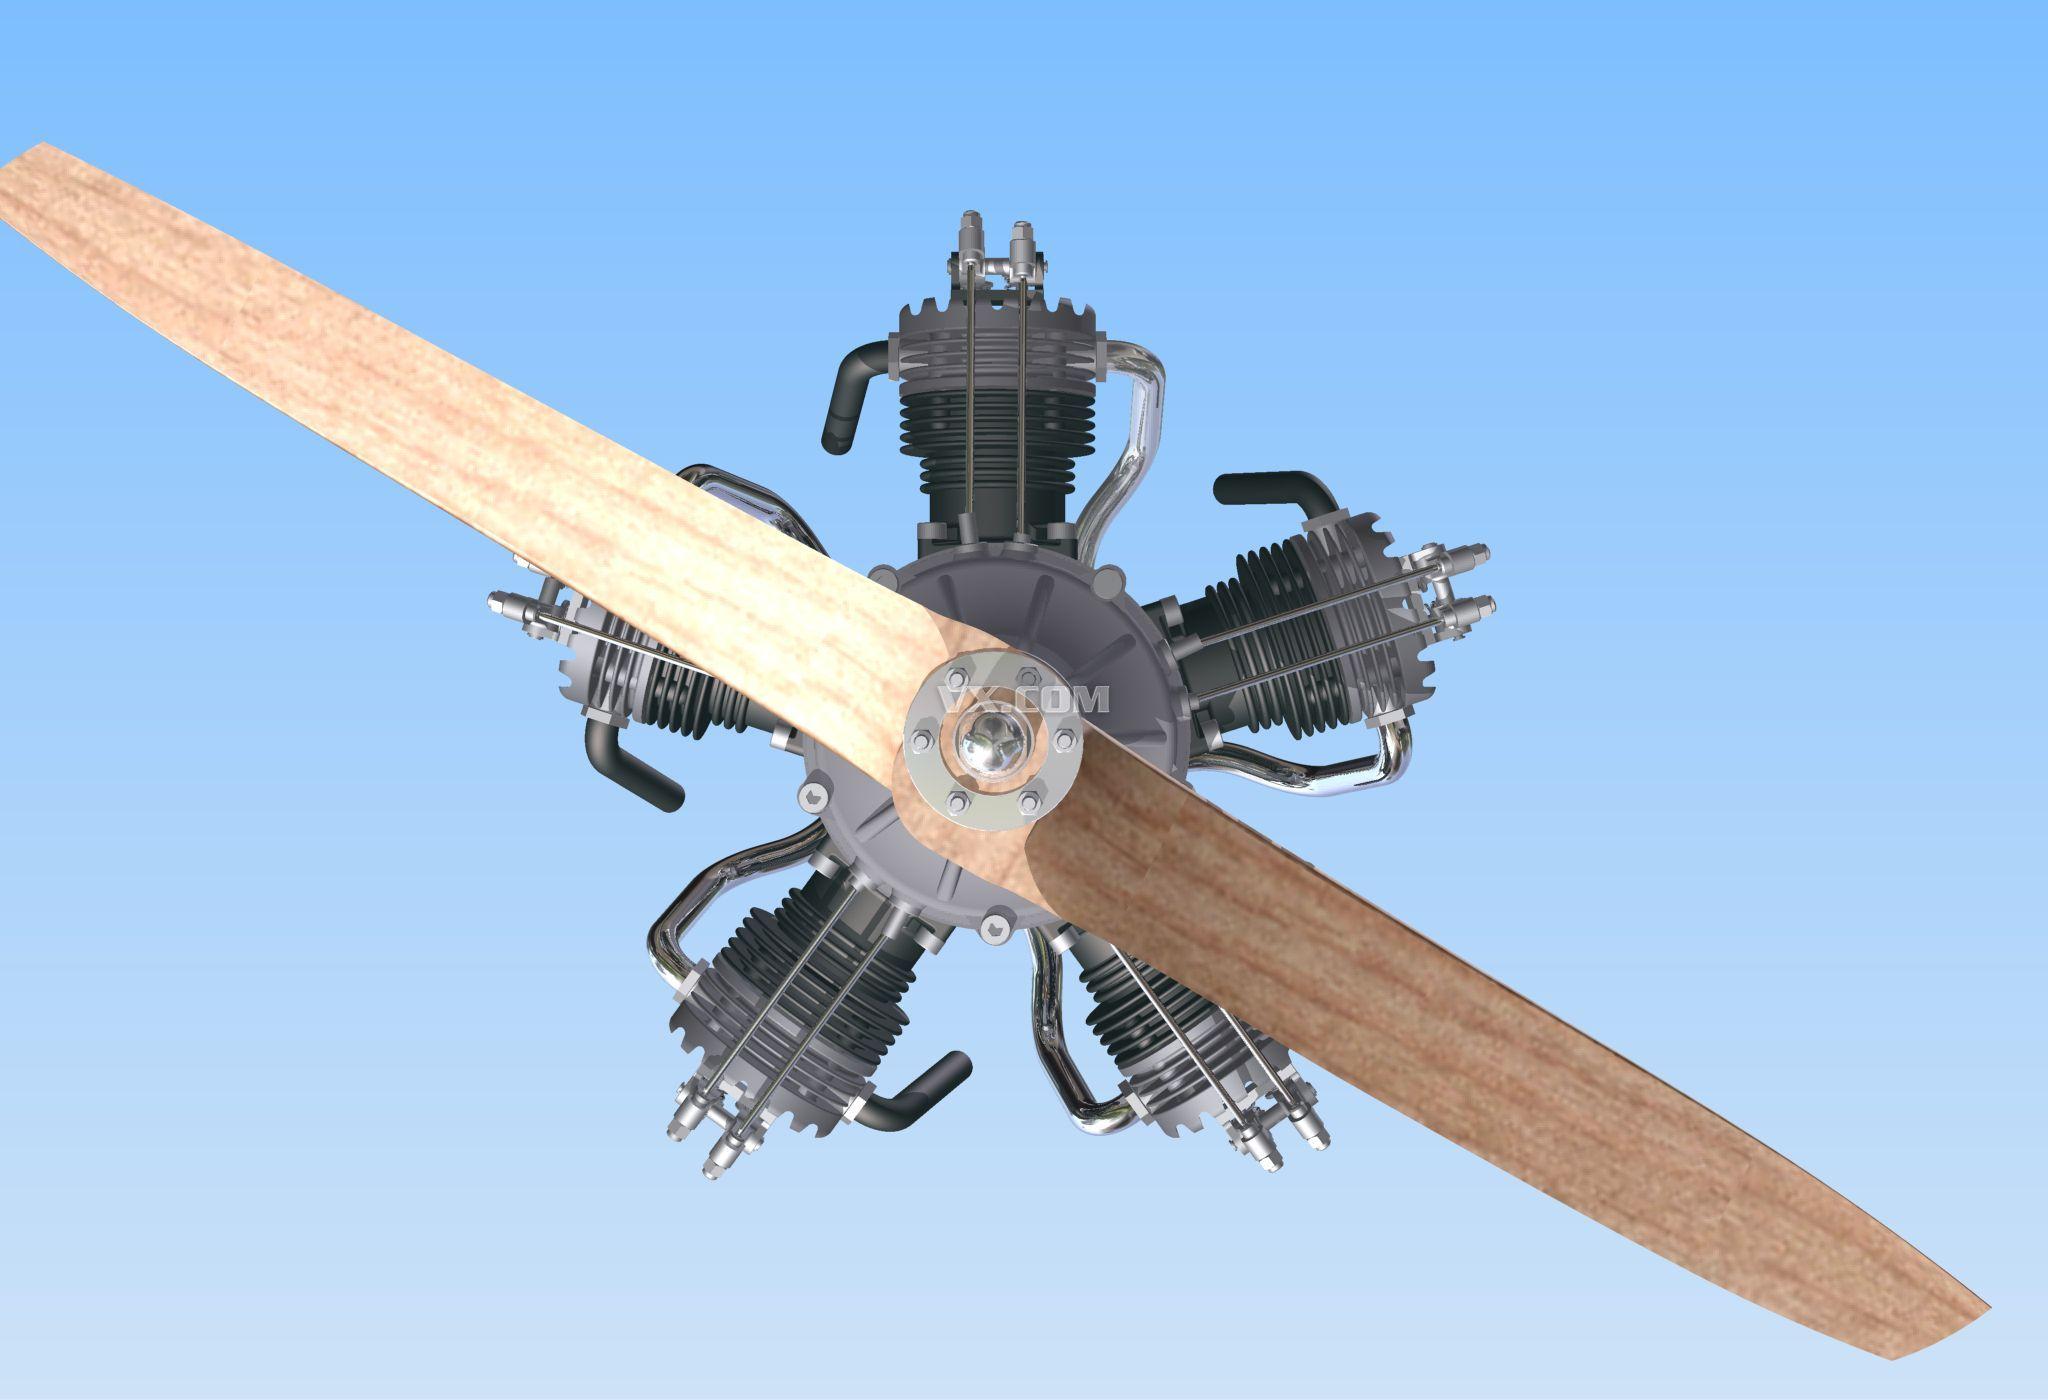 5缸星形飞机引擎_pro/e_航天航空_3d模型_图纸下载